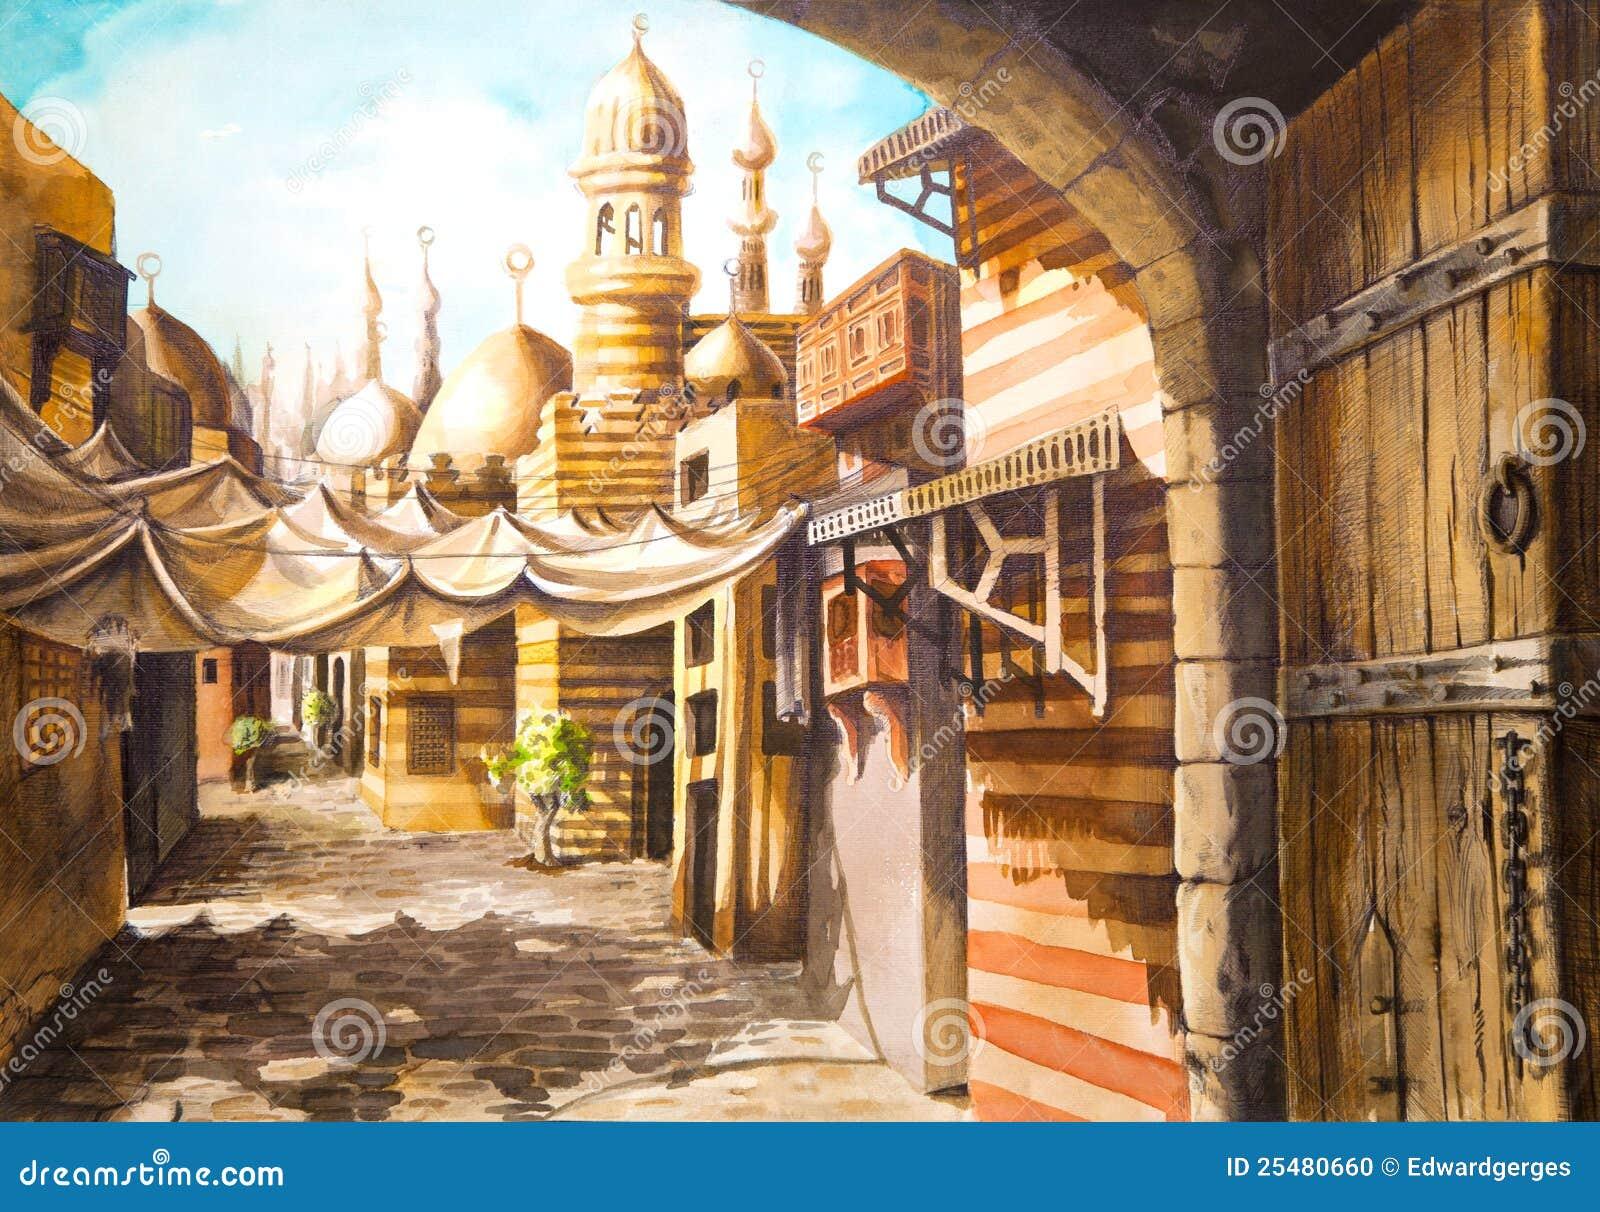 Het schilderen van de moskee stock illustratie for Egyptian fresco mural painting